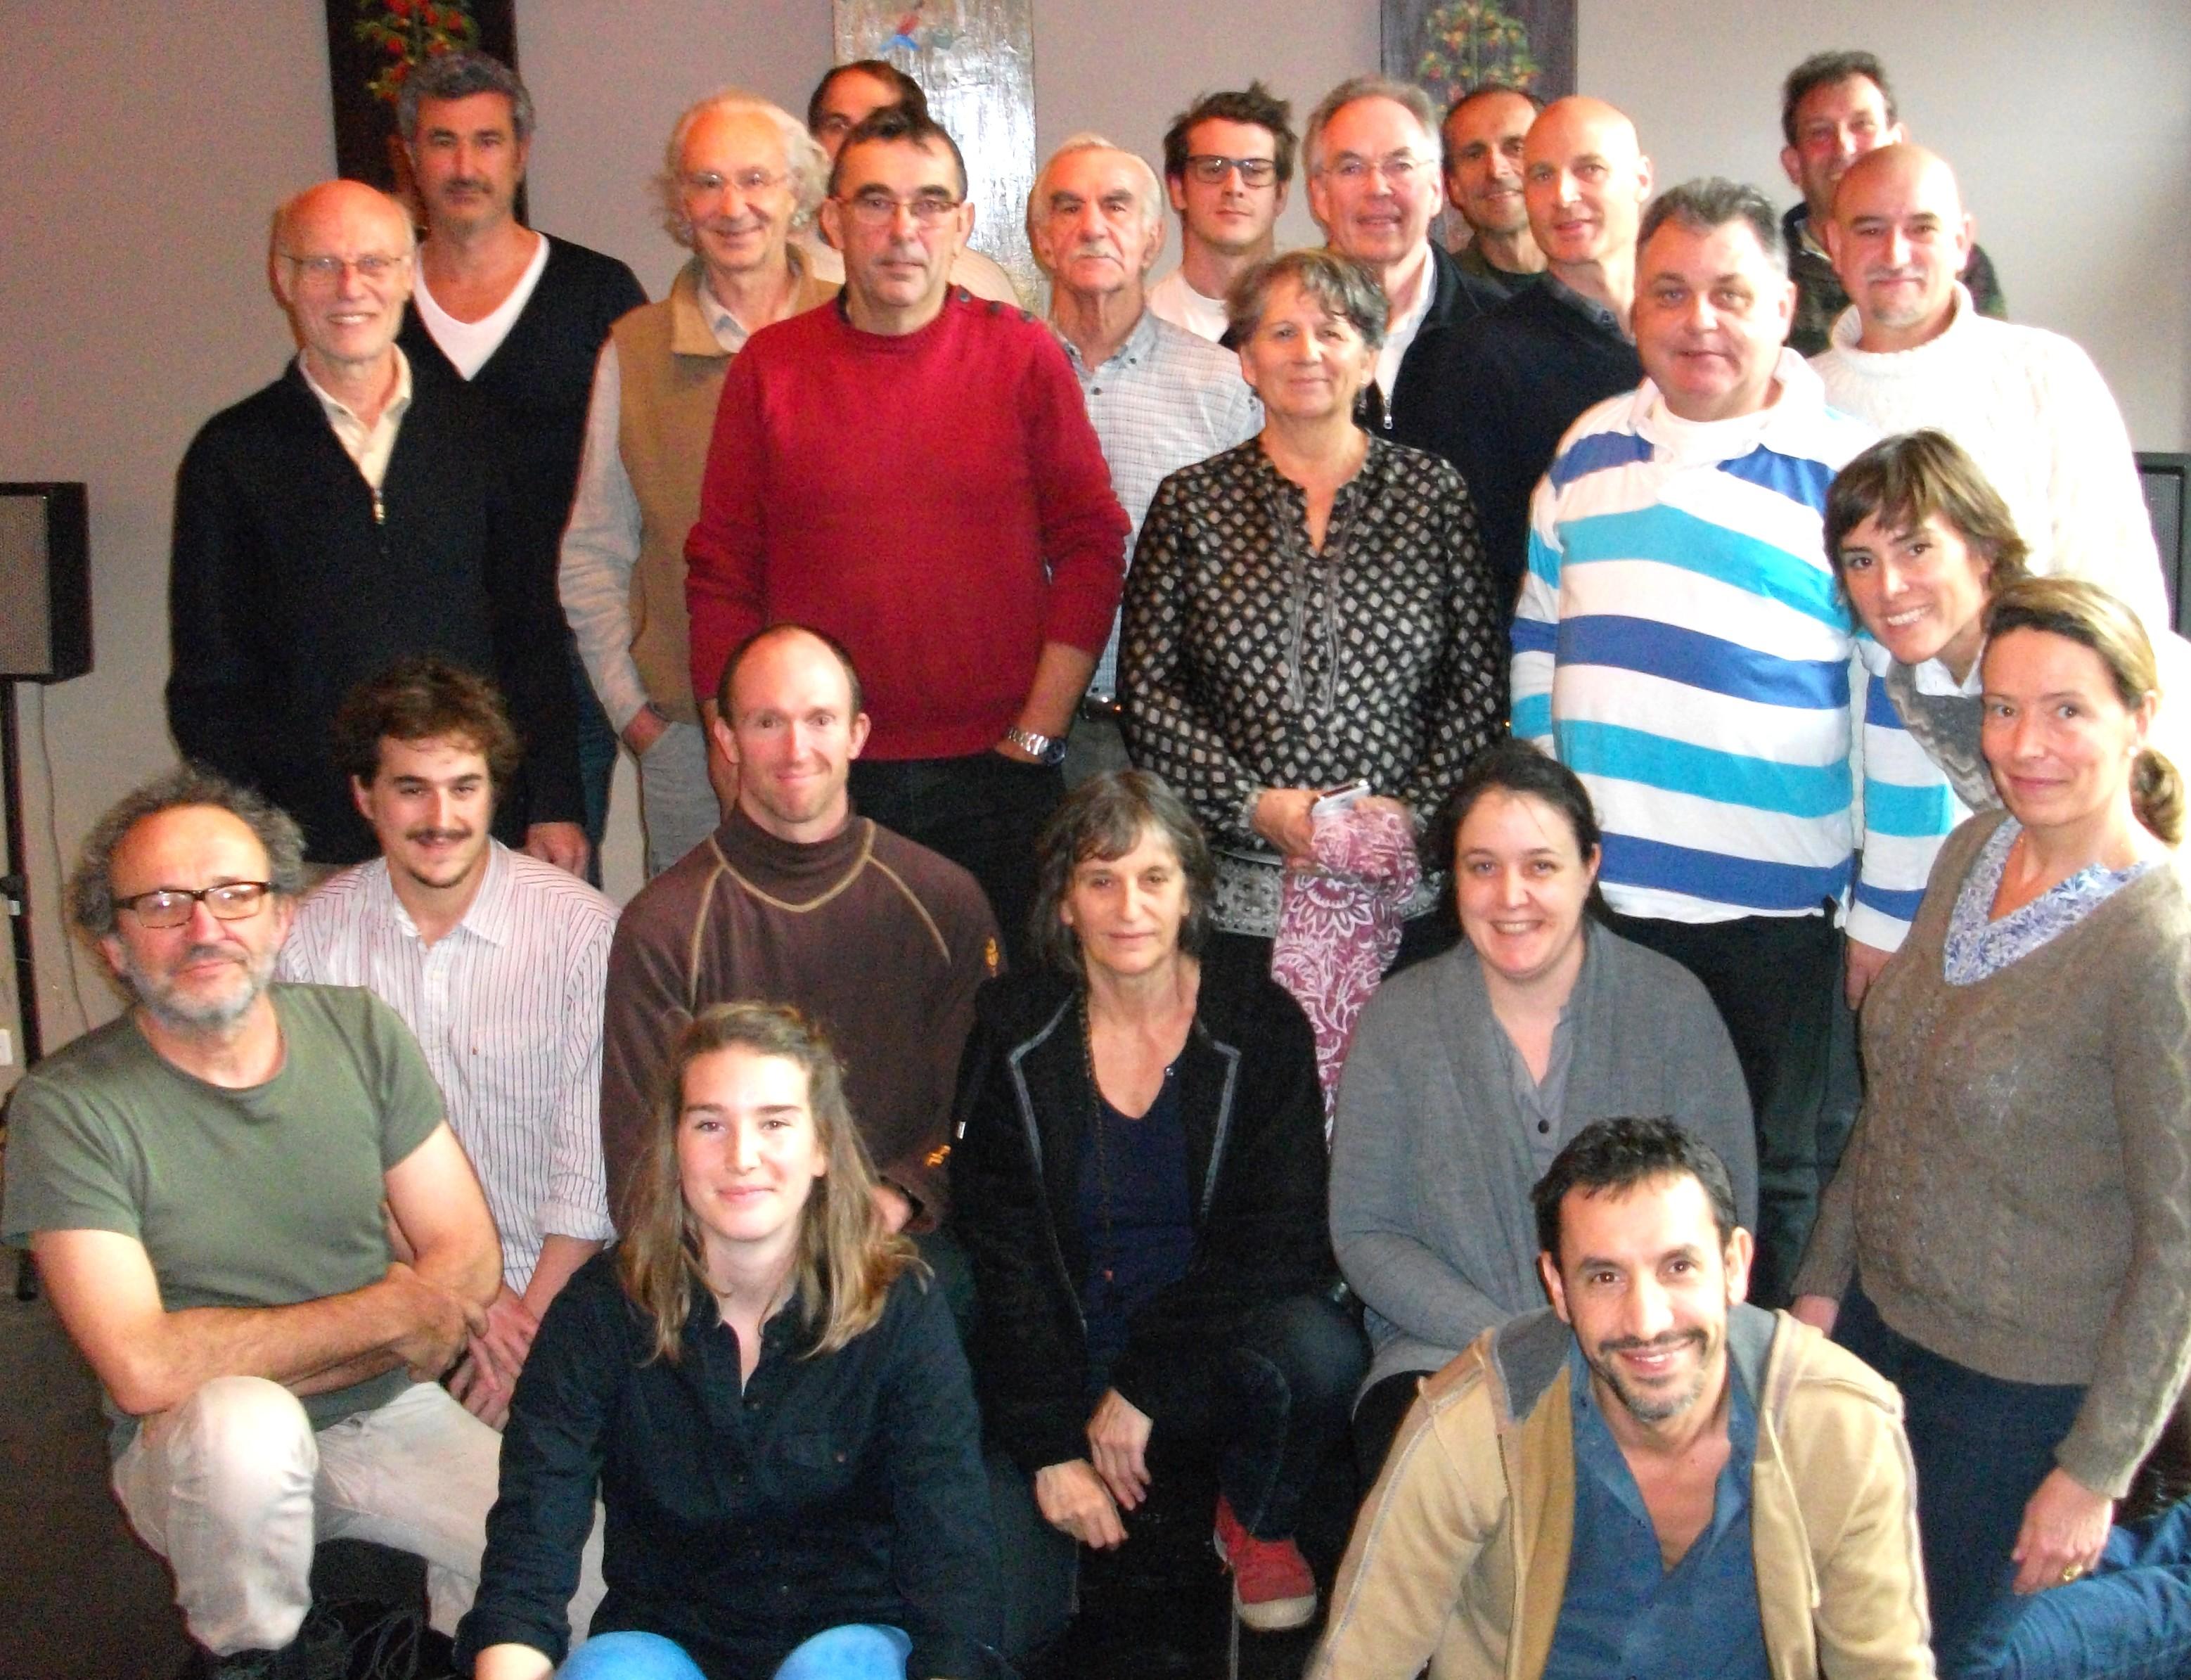 Les membres fondateurs de la FEDCAN lors de la réunion le 16 décembre 2015.